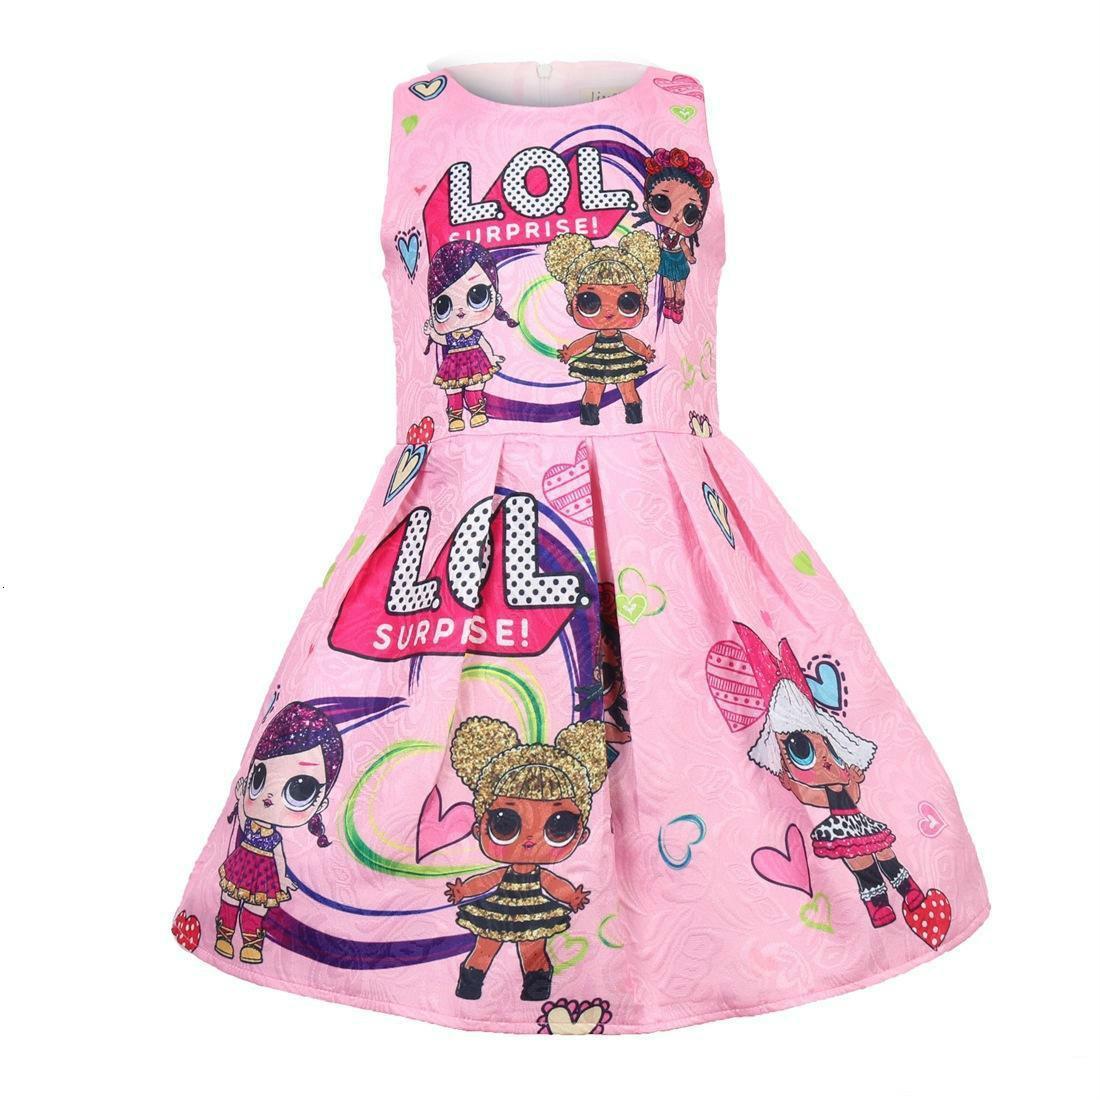 2019 yaz sıcak satış çocuk kız elbise bebek baskılı prenses yarışması elbise kızlar 100-140 giysi